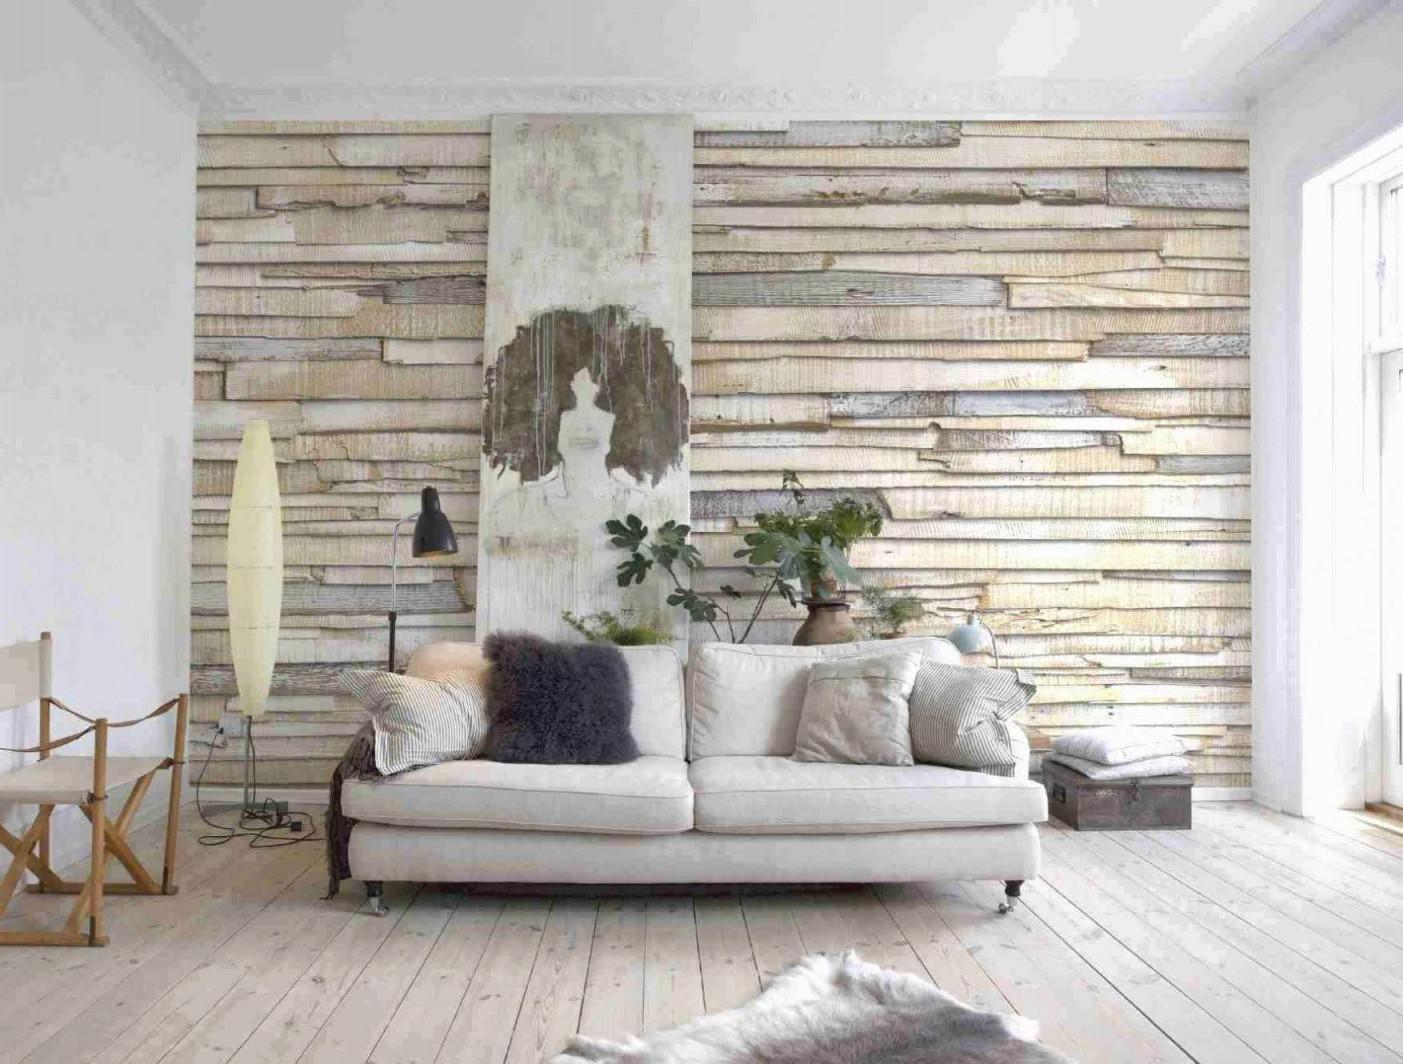 Design Tapeten Wohnzimmer Das Beste Von Einzigartig Moderne von Design Tapeten Wohnzimmer Bild